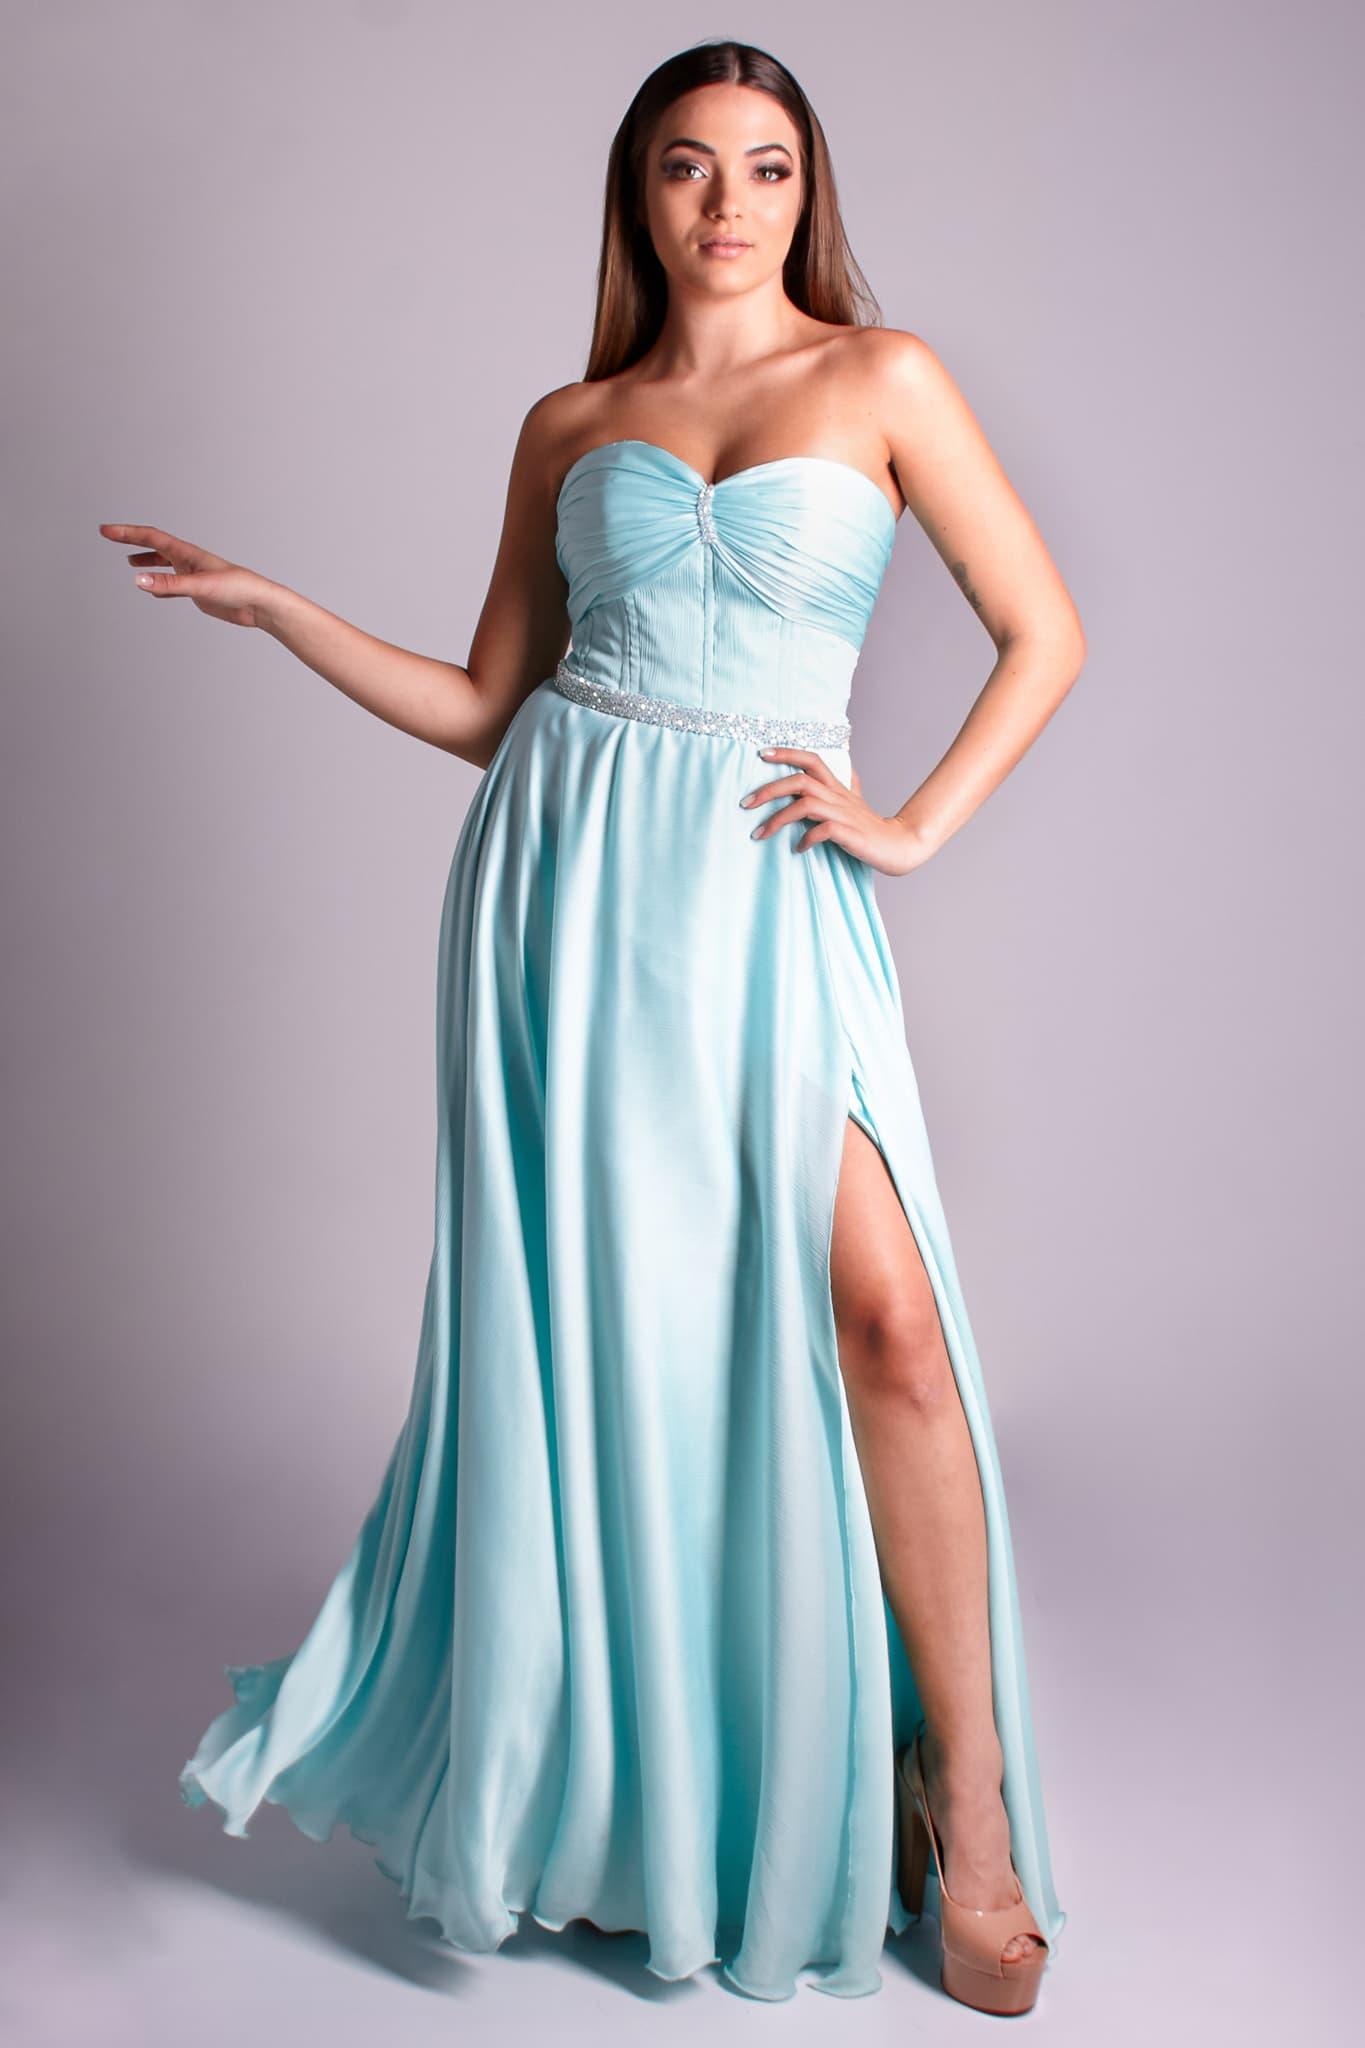 54 - vestido tiffany com busto plissado, fenda e cintinho bordado